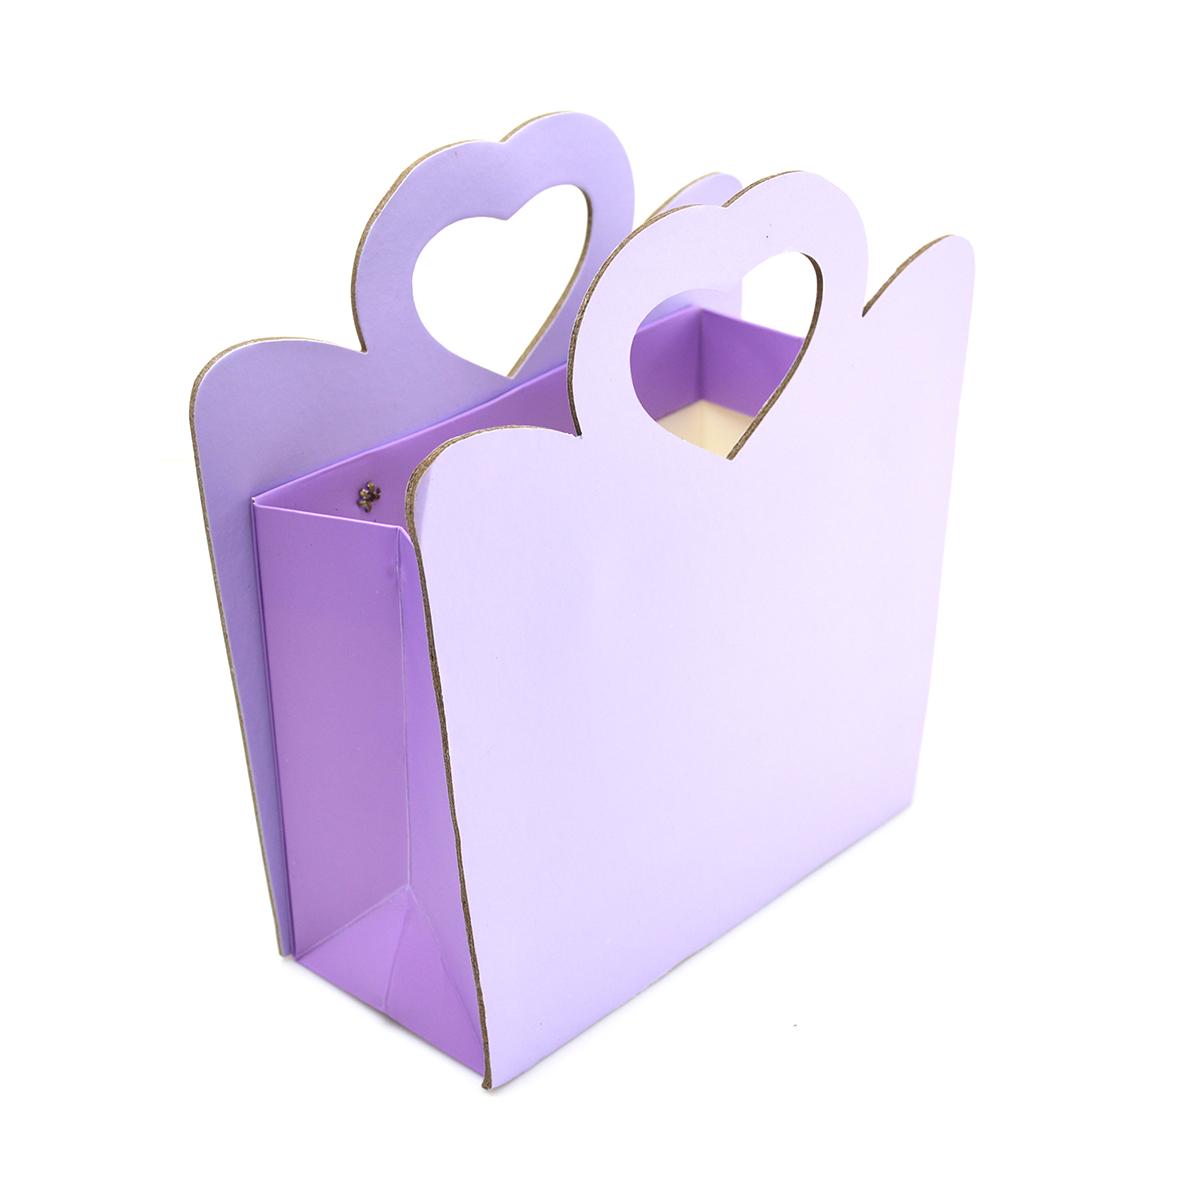 Cutie din carton pliabila maner inima laterale dure, lila